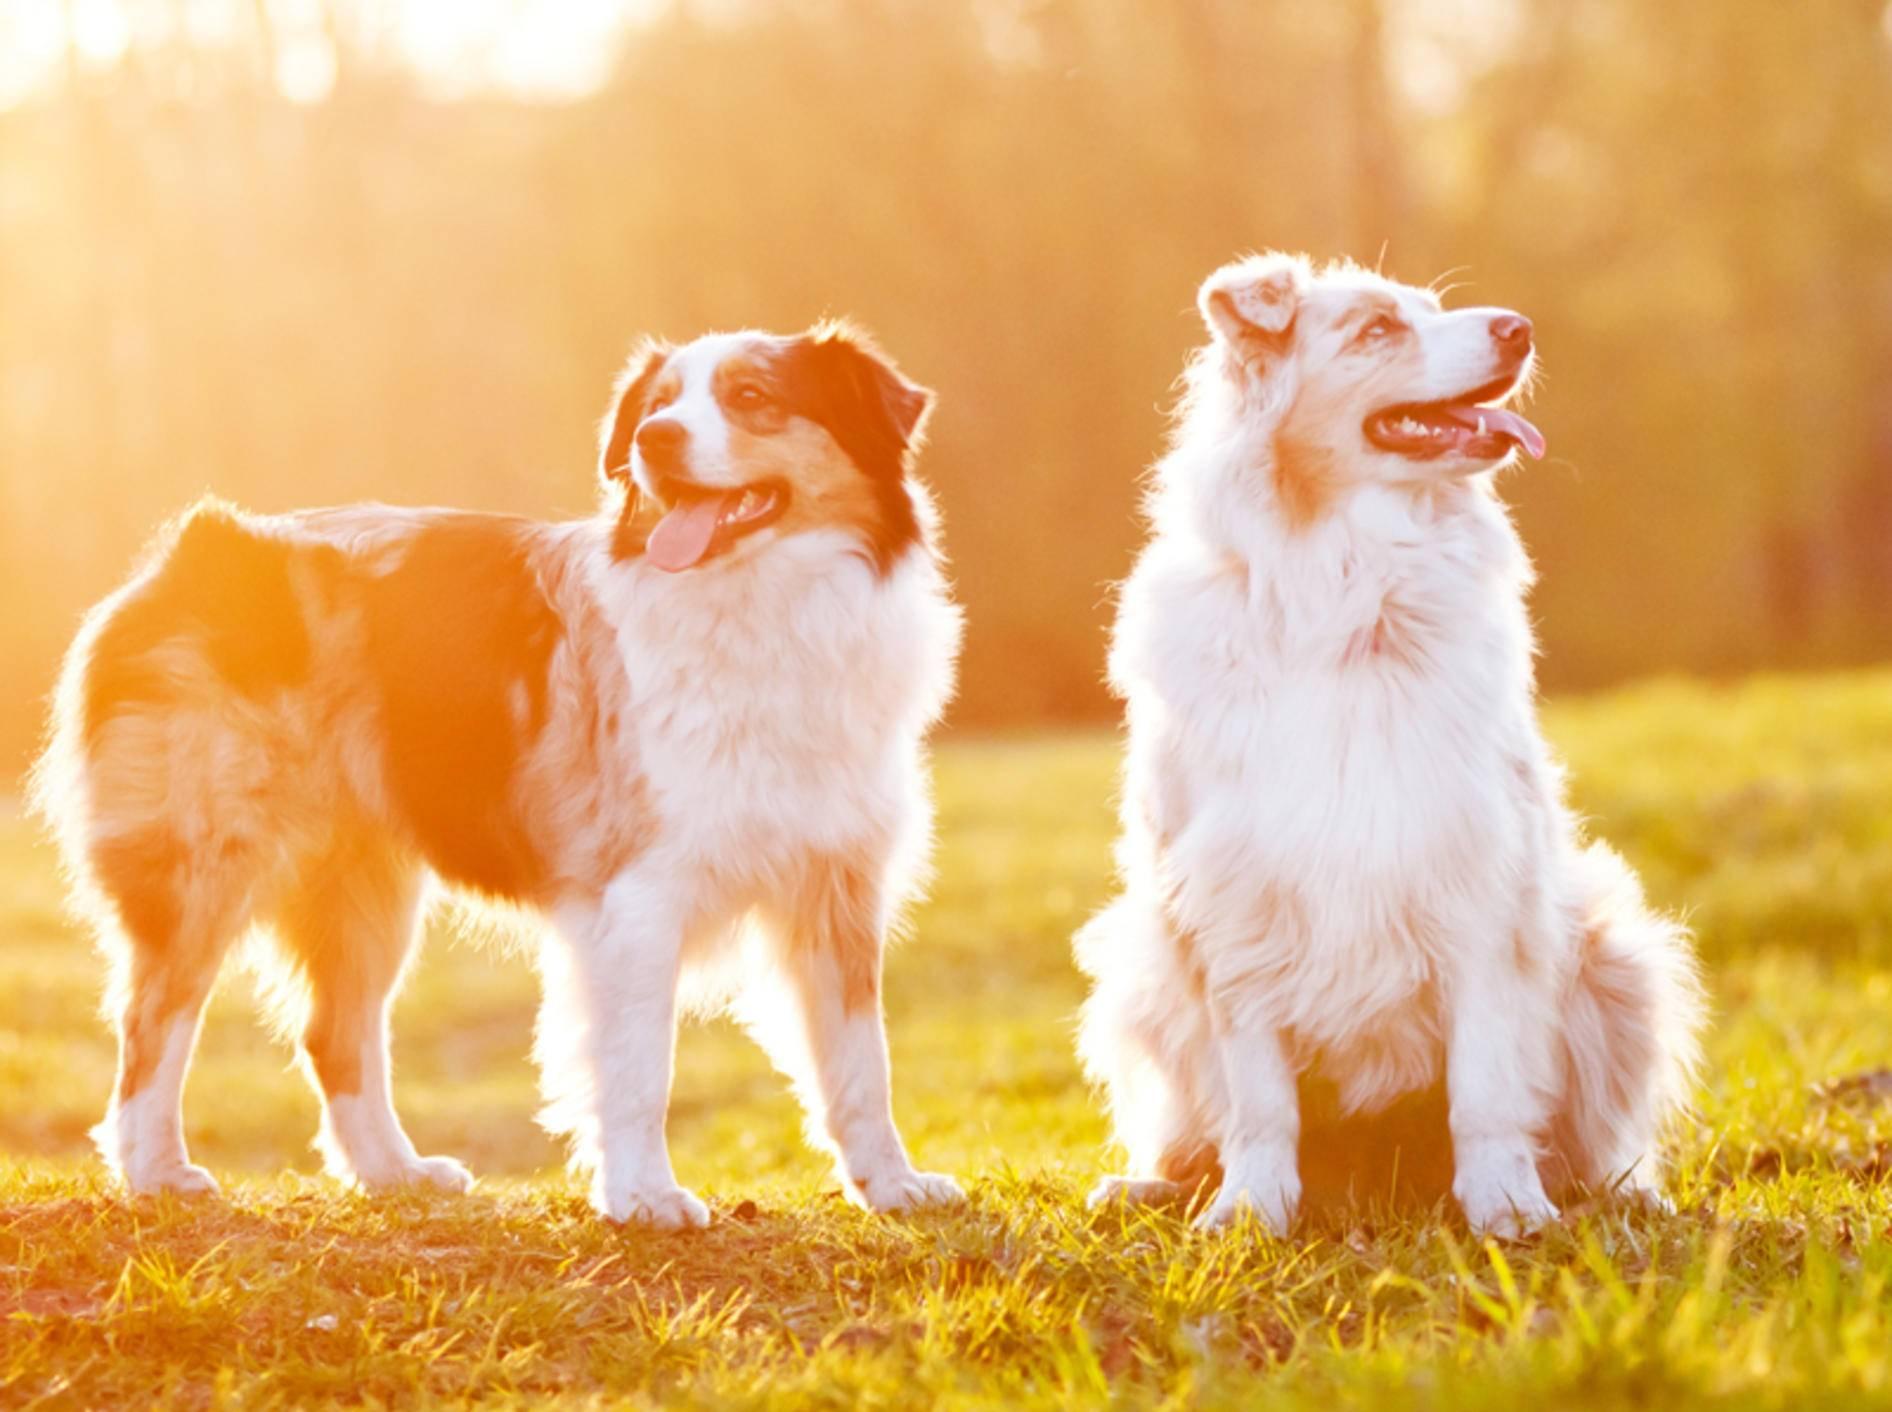 Bei großer Hitze sollten Sie Ihren Hund pflegen und für Abkühlung sorgen